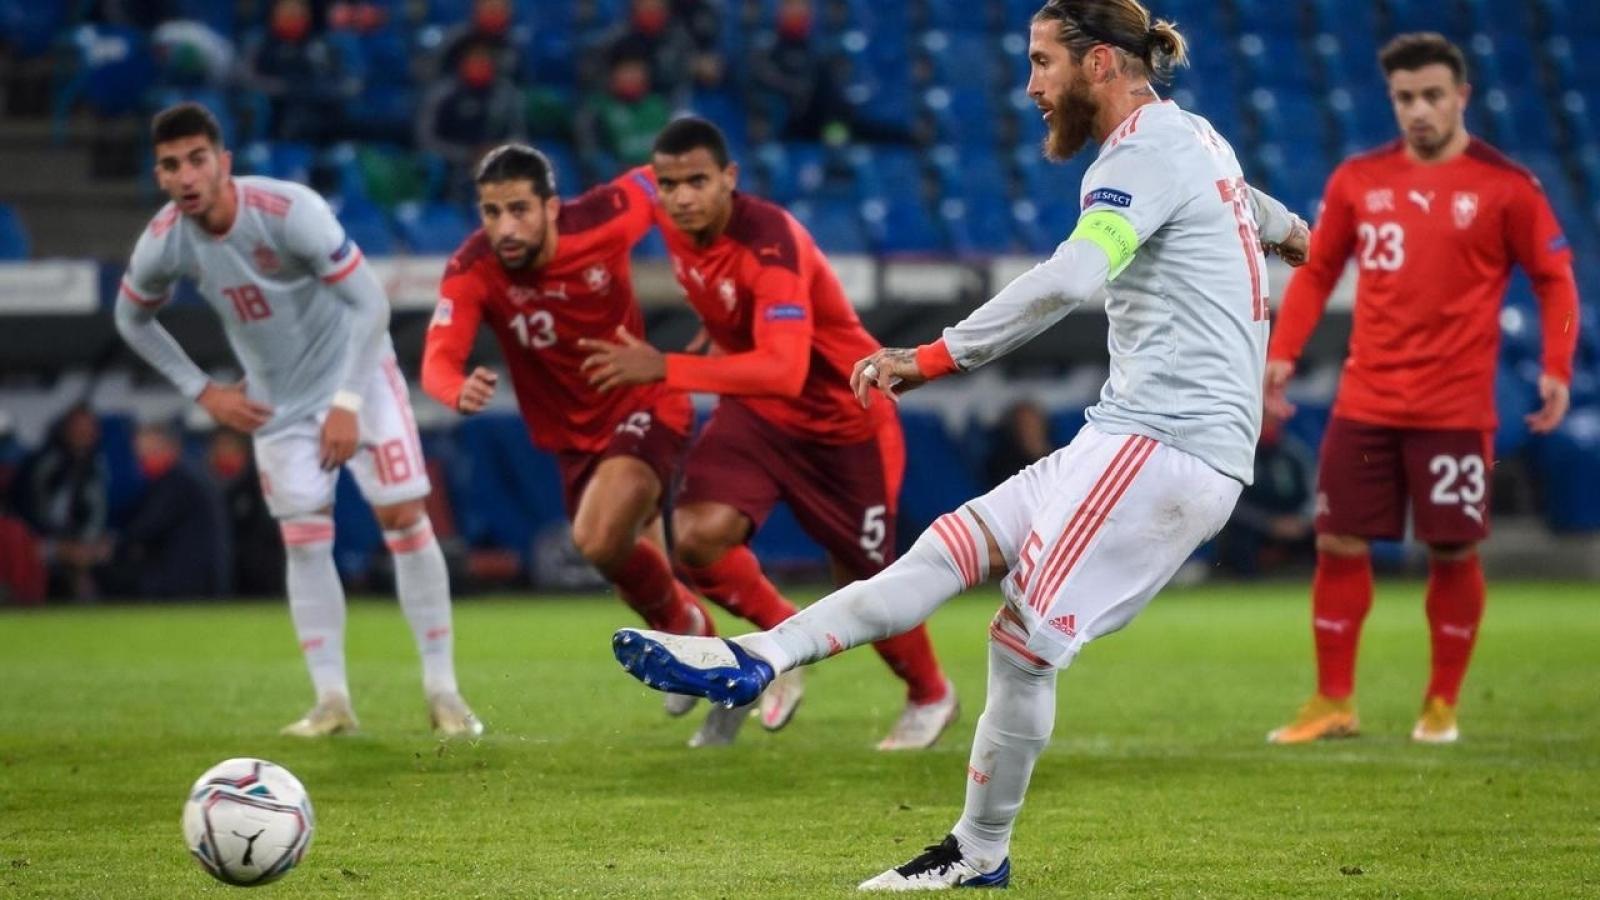 2 lần đá hỏng phạt đền trong trận, Sergio Ramos vẫn được bảo vệ